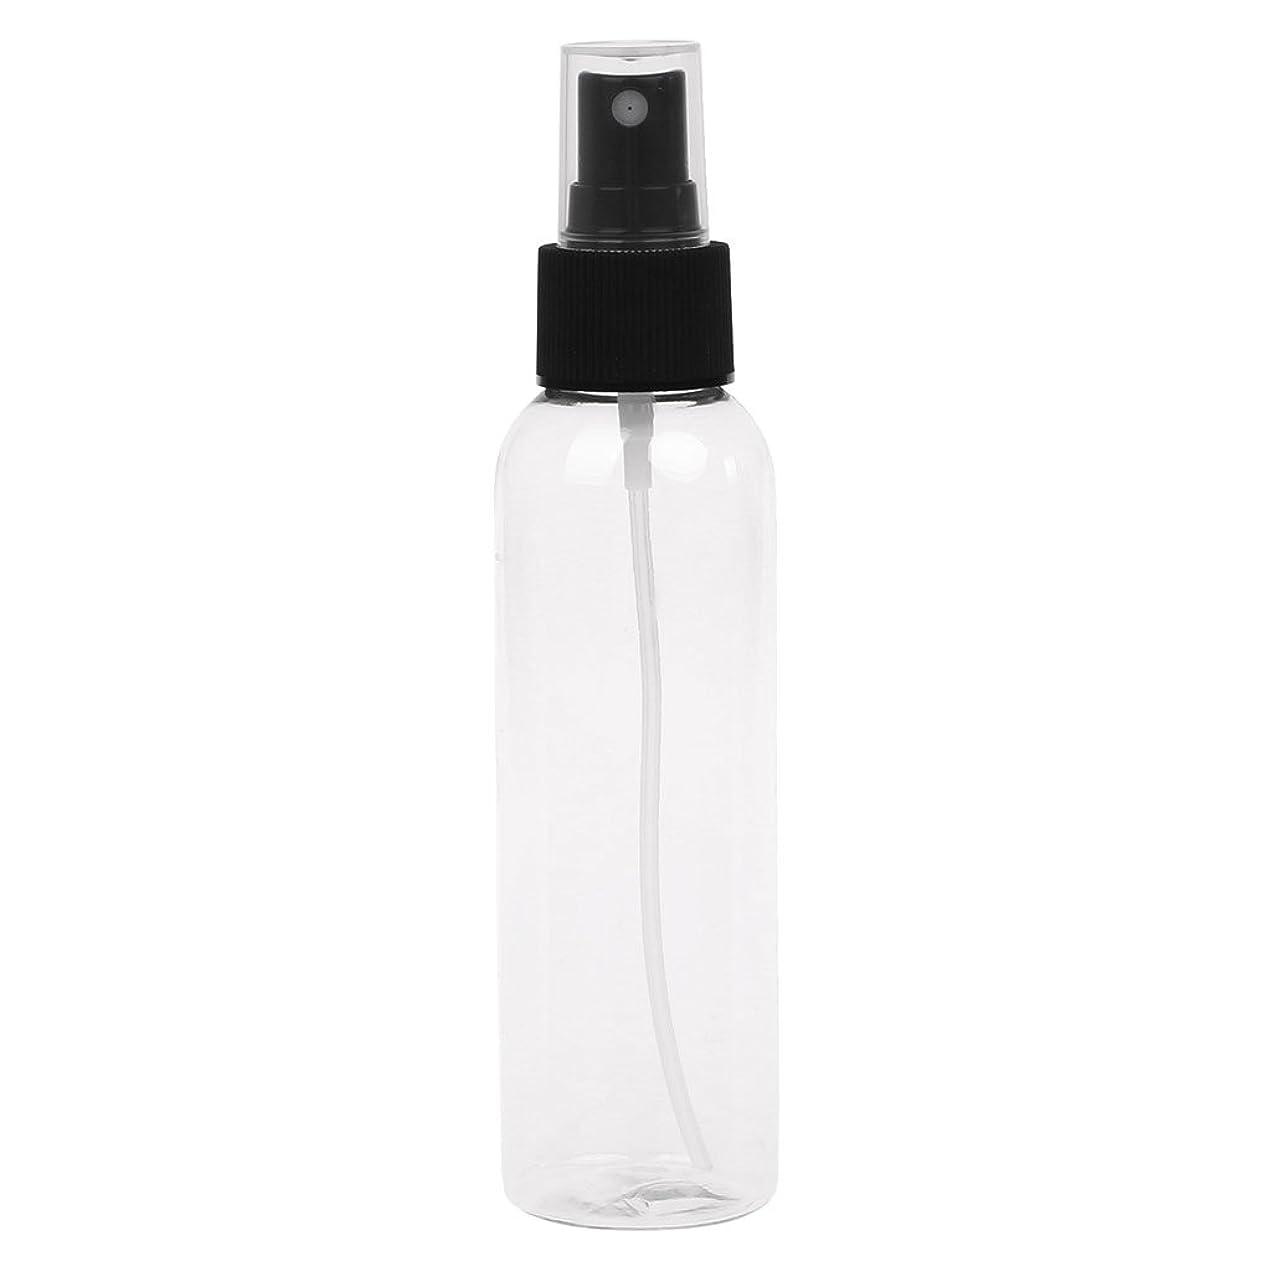 刺しますお香克服するSimpleLife 旅行ポータブル詰め替え香水アトマイザーボトル香水ポンプスプレー120ml